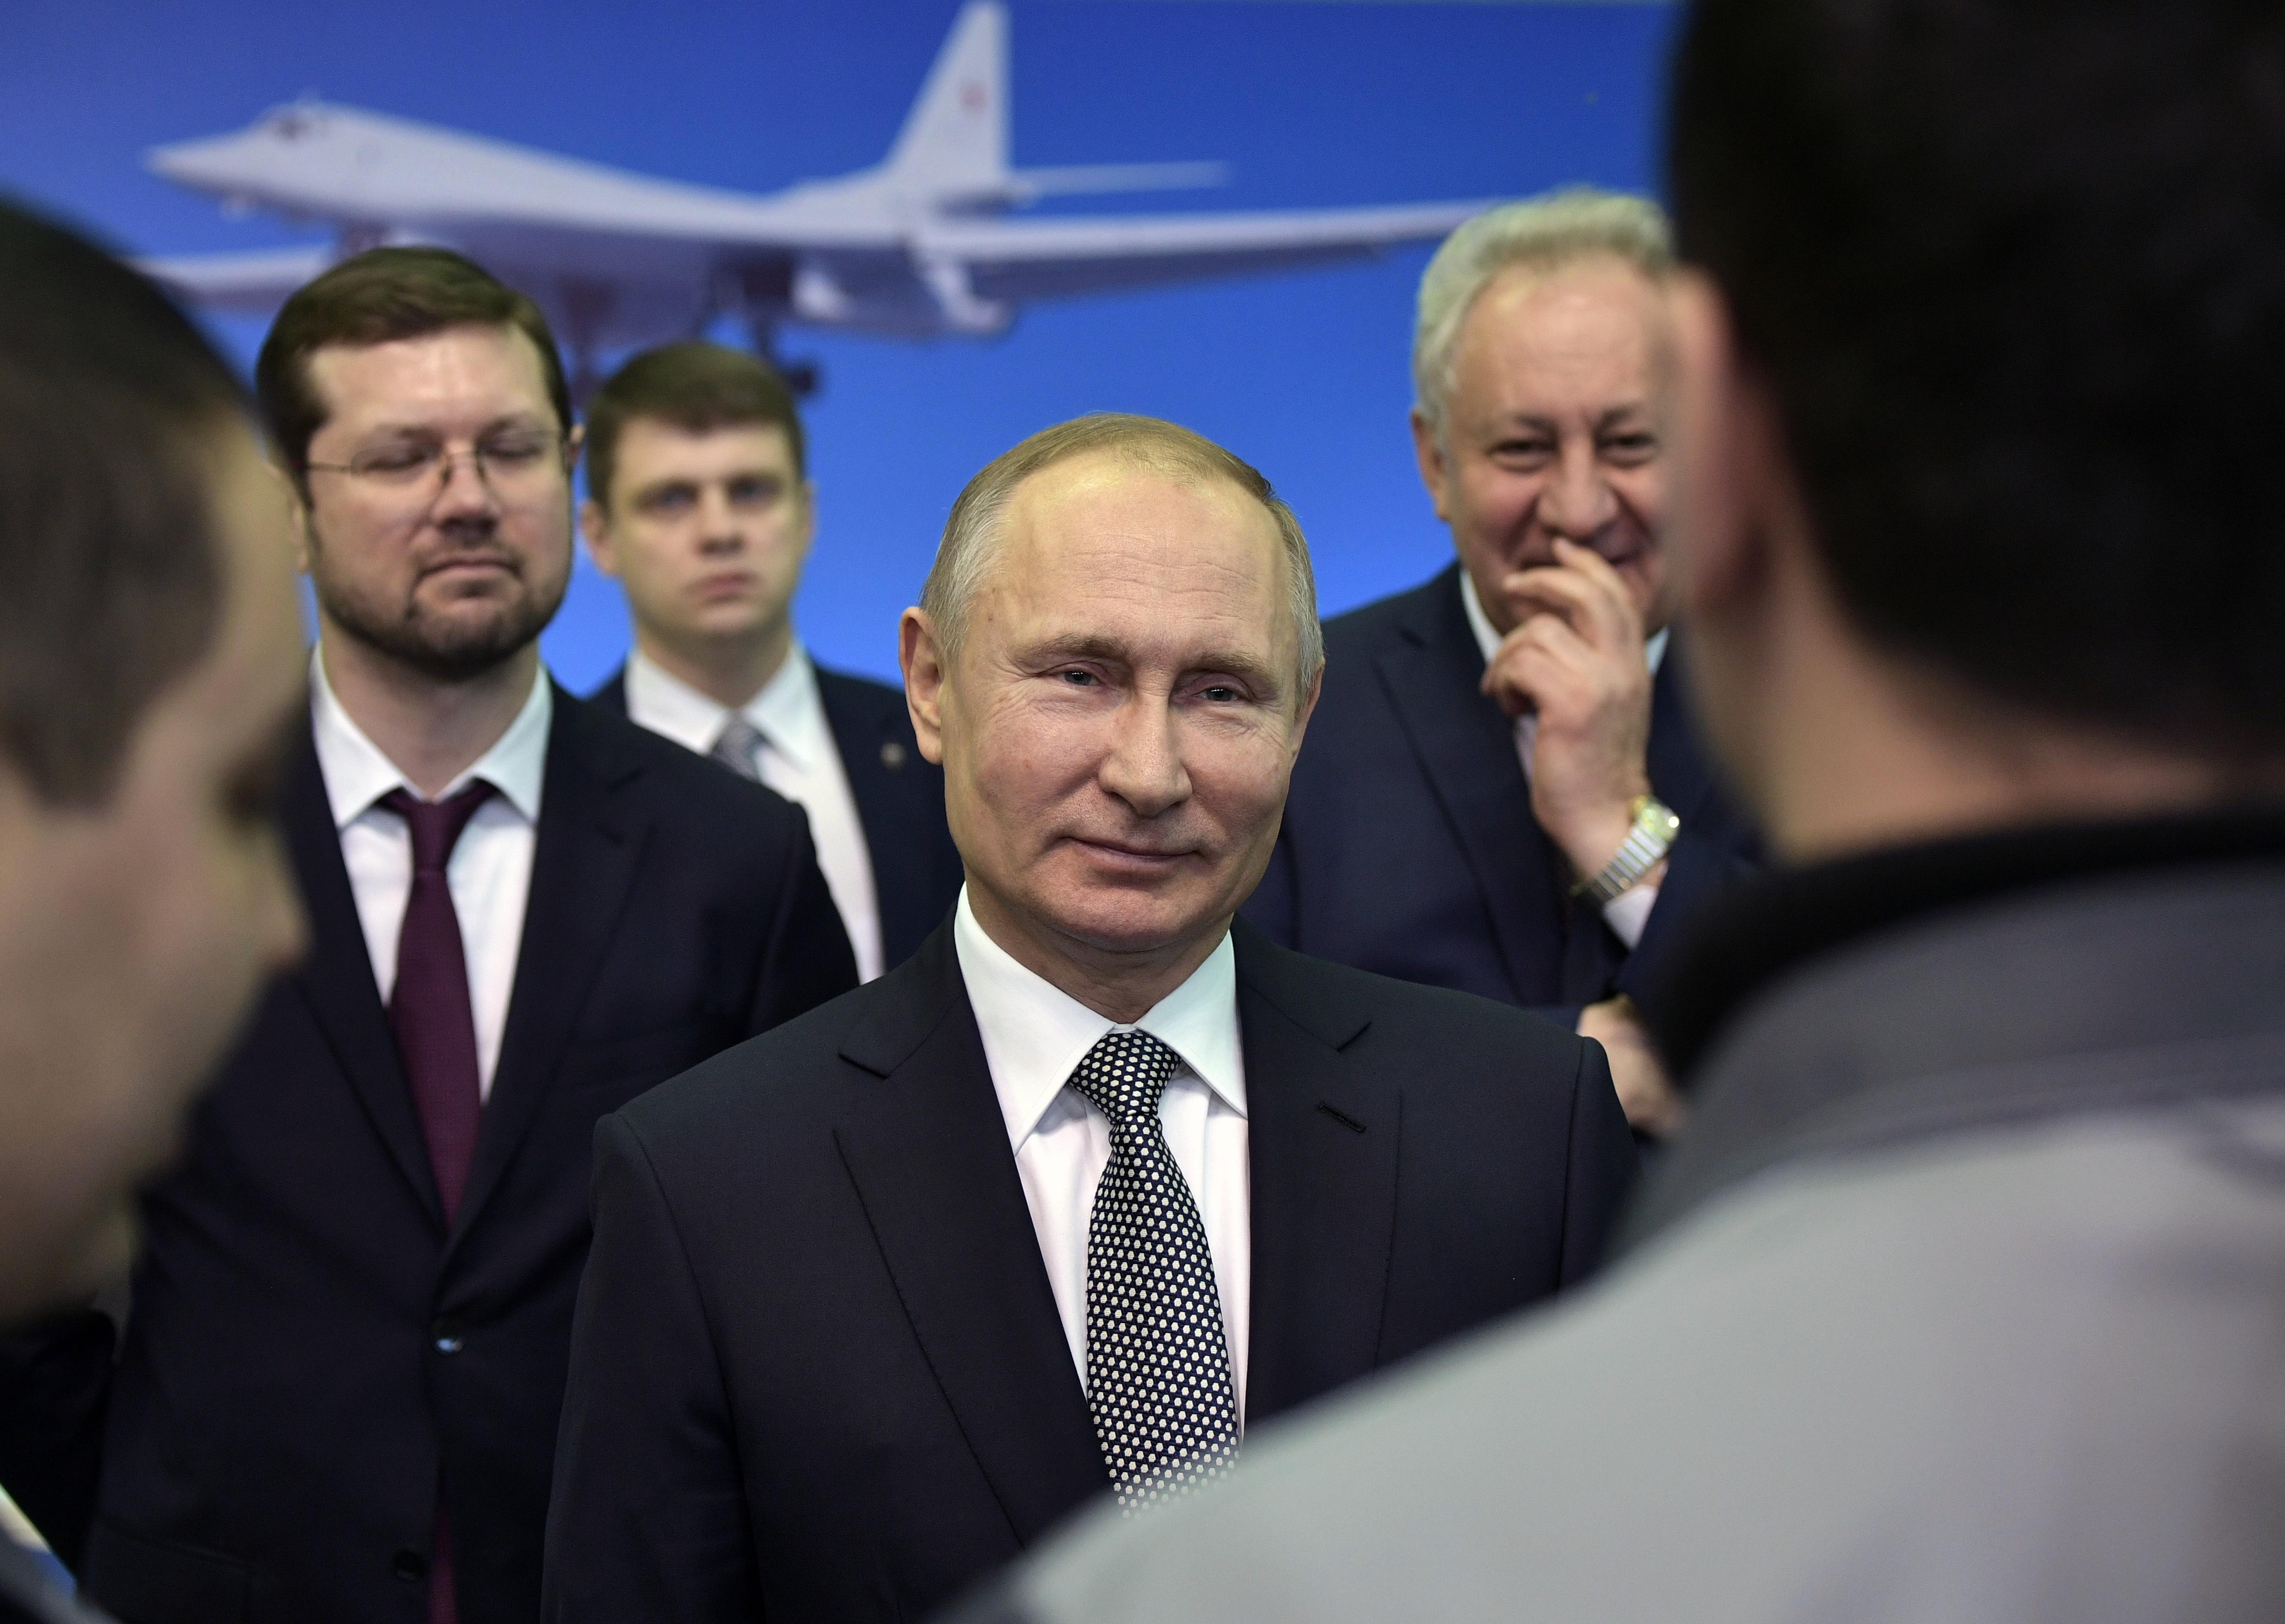 Фото © РИА Новости/Алексей Никольский